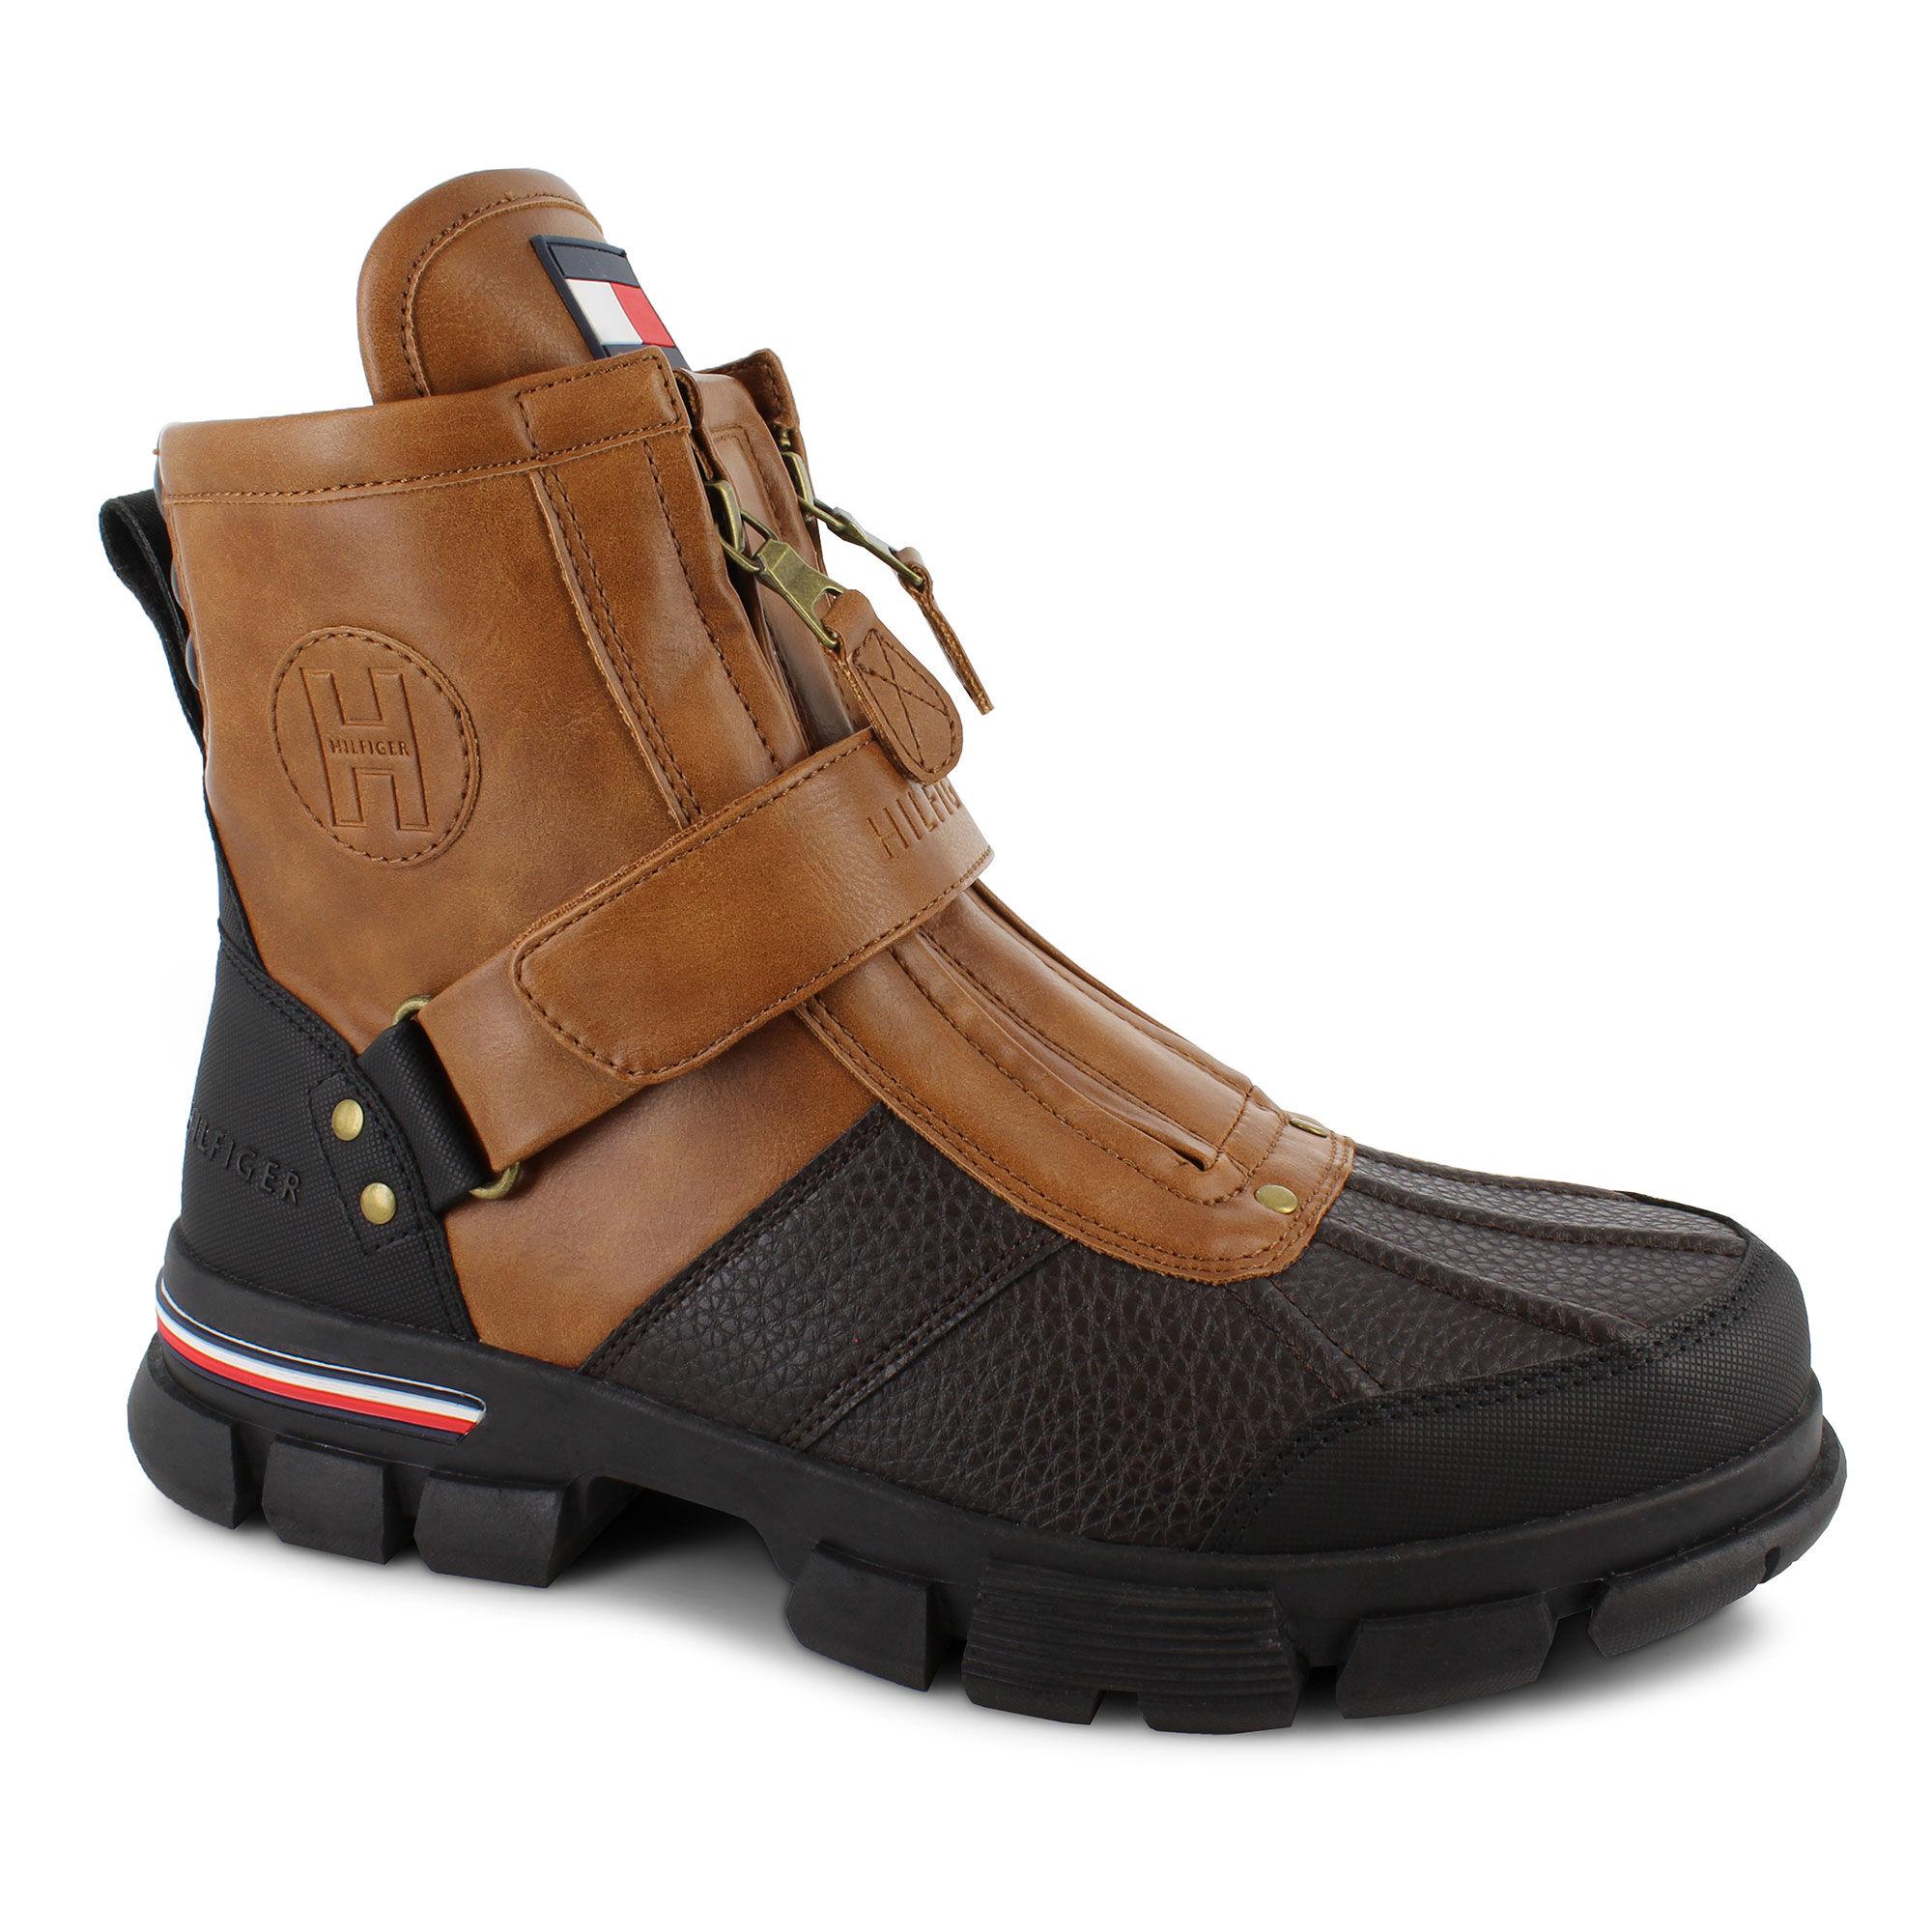 Men's Boots | Shop Now at SHOE SHOW MEGA